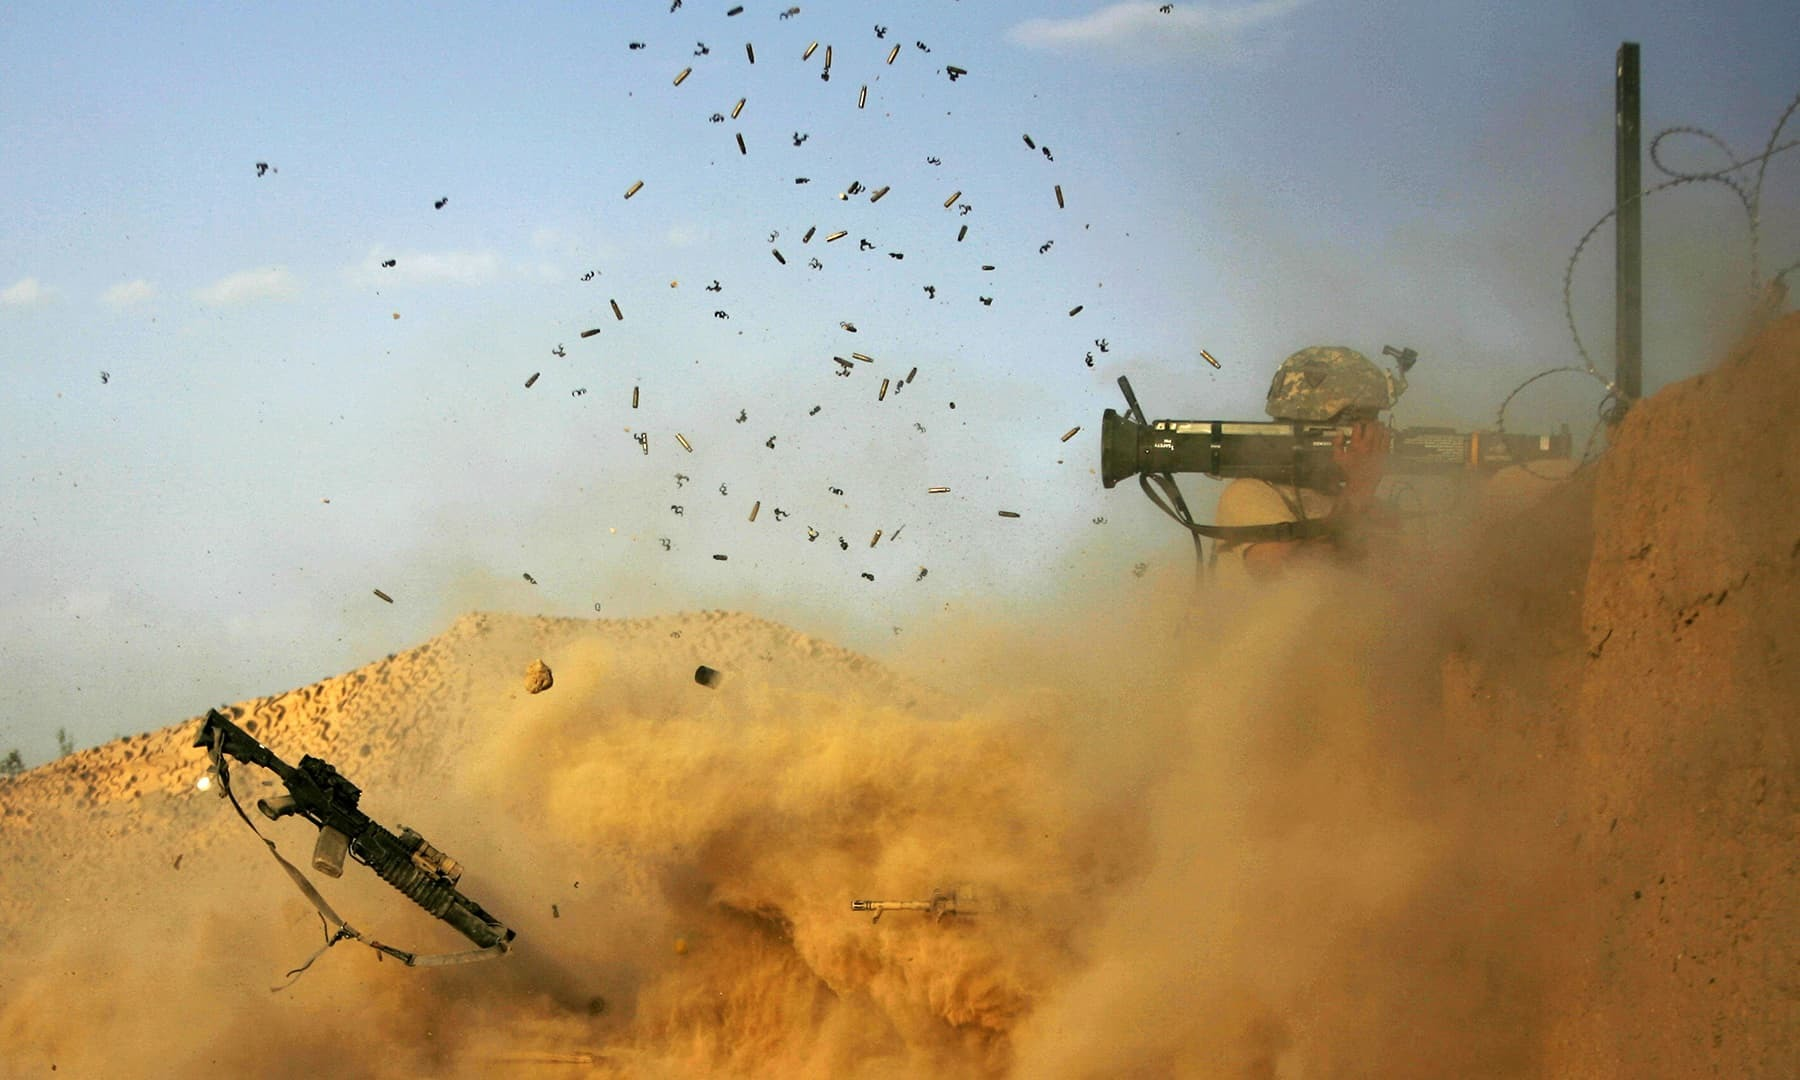 طالبان اور امریکی فوجیوں کے درمیان 11 ستمبر 2010 کو ارغنداب ویلی میں لڑائی ہوئی جہاں طالبان نے حملہ کیا تھا—فائل/فوٹو: اے ایف پی